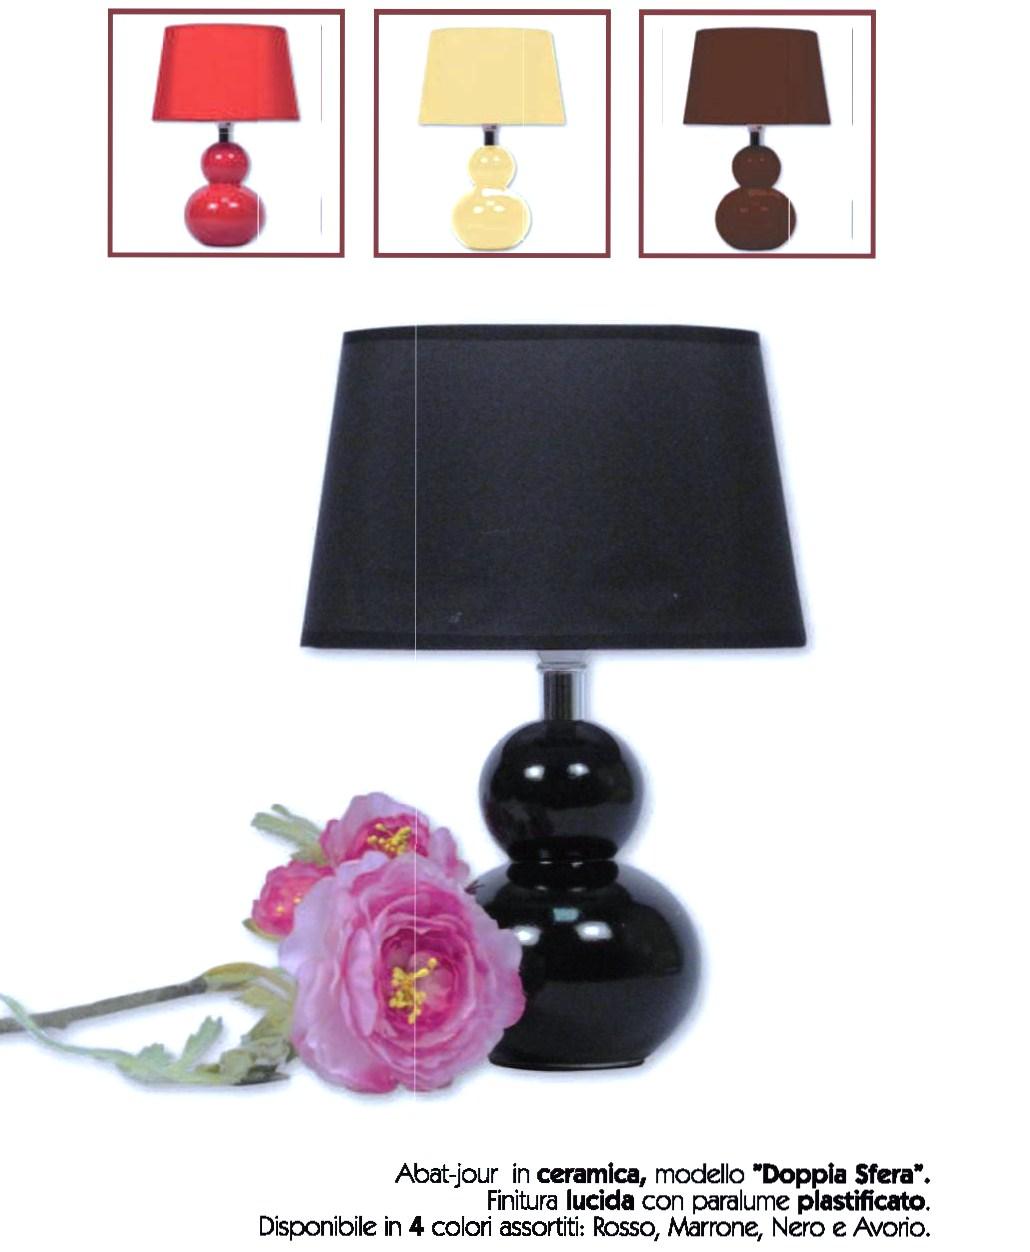 Aba jour in ceramica modello doppia sfera idea di for Modello di casa